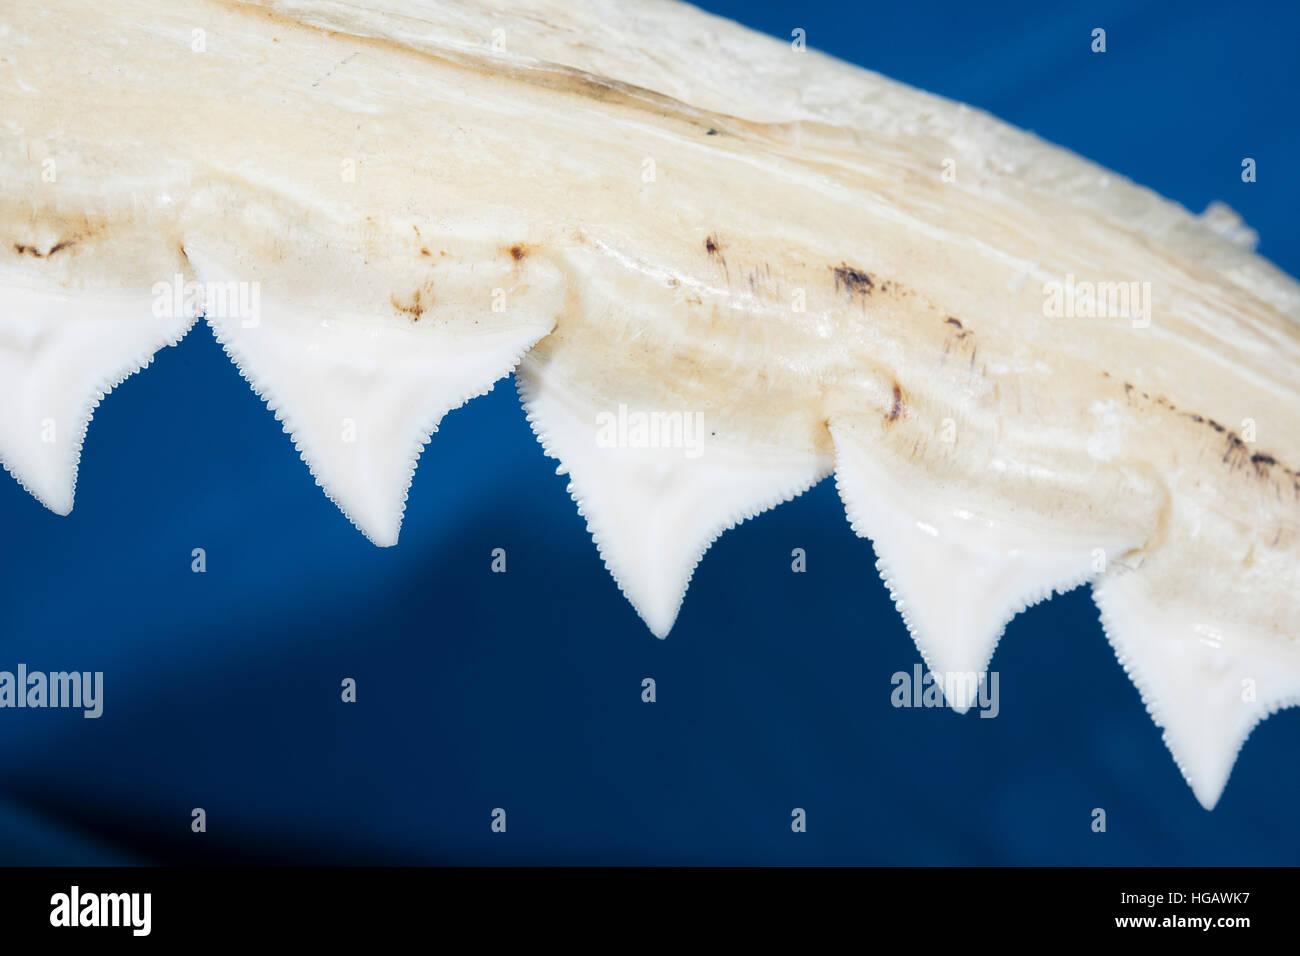 Les dents de scie sur la mâchoire supérieure du requin taureau, Carcharhinus leucas, utilisé pour saisir et détruire de grandes proies, le Birch Aquarium, La Jolla, Californie Banque D'Images